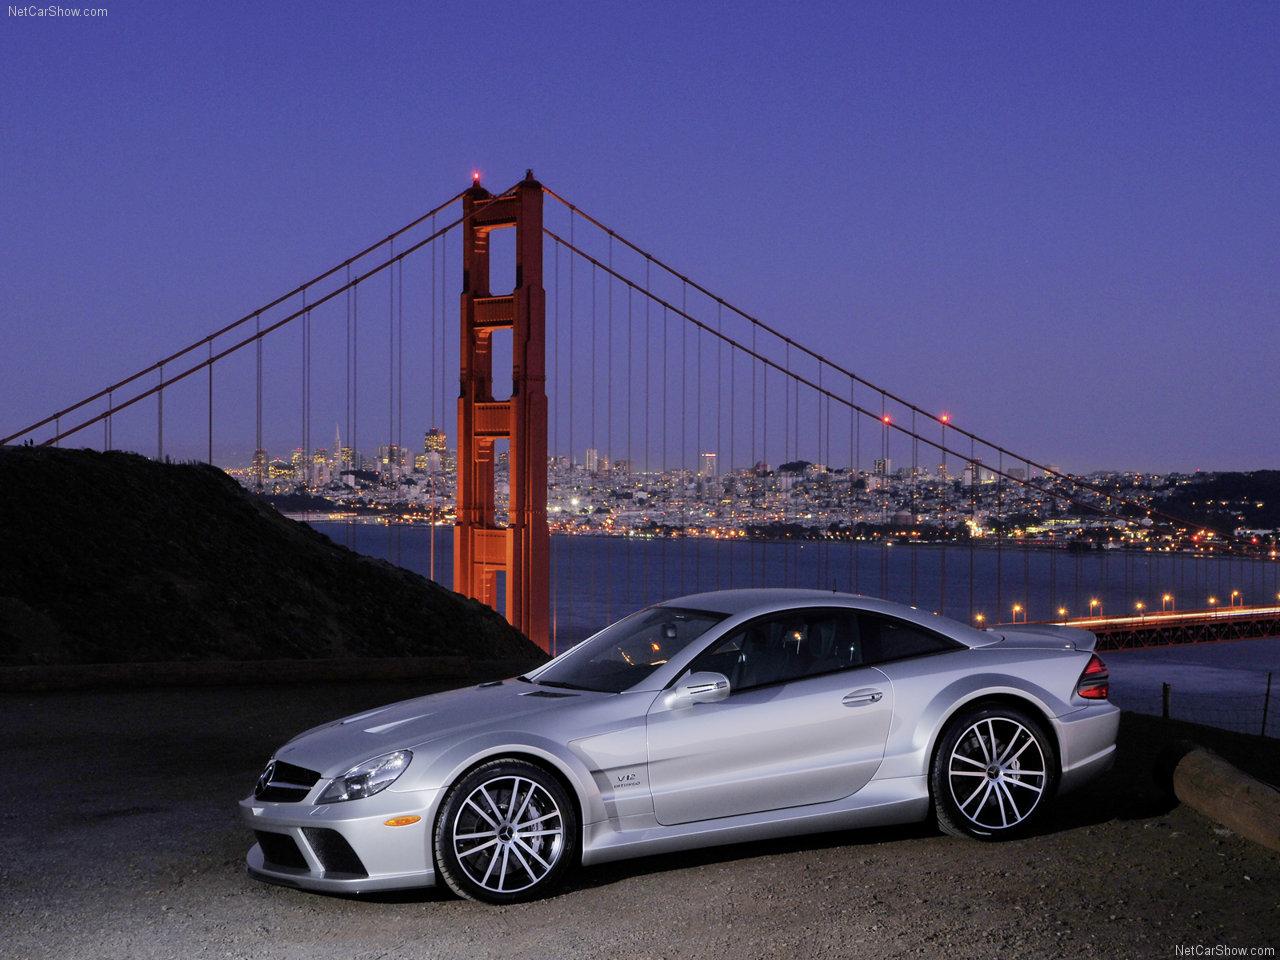 http://2.bp.blogspot.com/-u3Qy9-u6AJU/TWnF3fglkDI/AAAAAAACLNI/1e1Xcbnxl1M/s1600/Mercedes-Benz-SL65_AMG_Black_Series_2009_1280x960_wallpaper_07.jpg